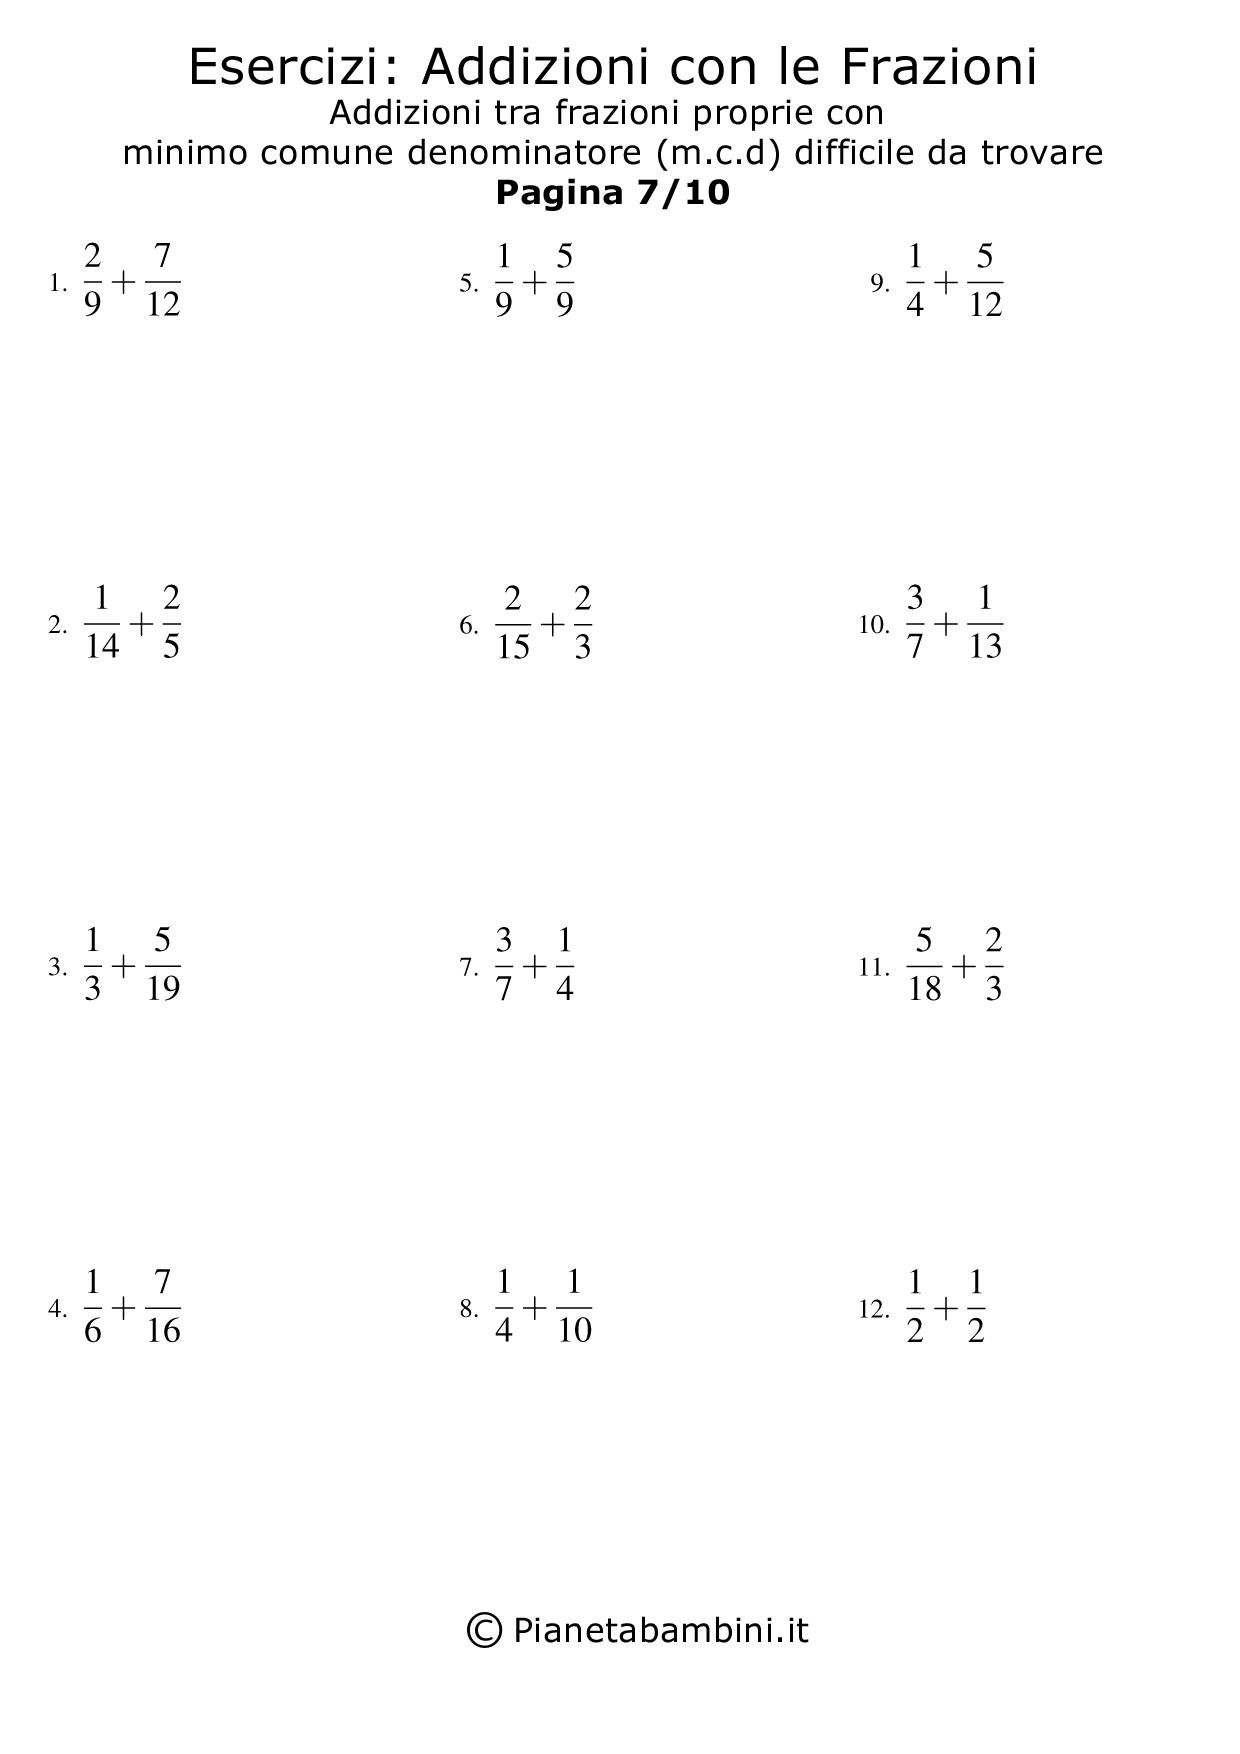 Frazioni-Facili-m.c.d-difficile_07